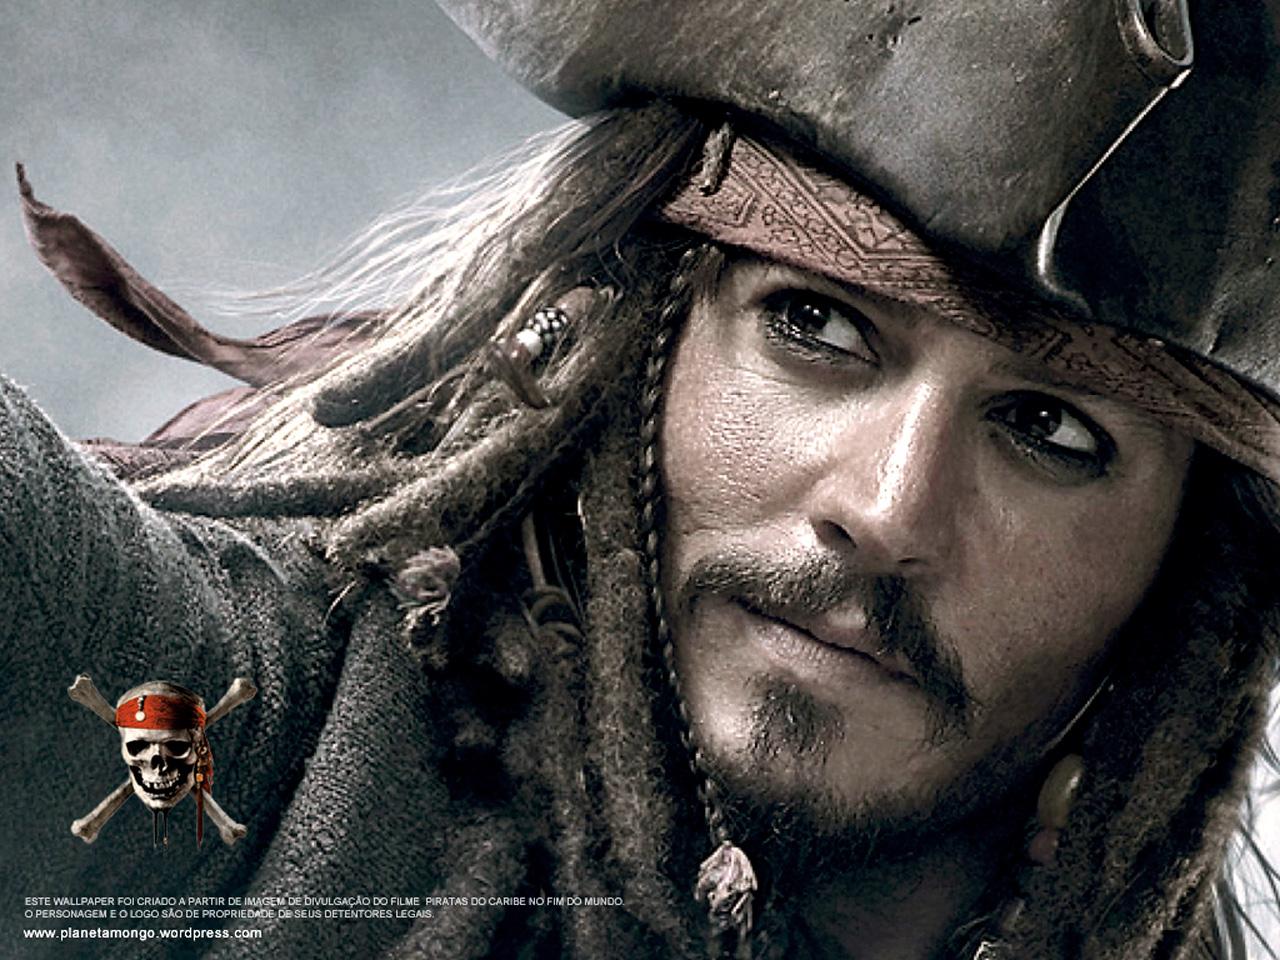 http://2.bp.blogspot.com/-EC-1ZbAWbXU/Tdg2xybd9TI/AAAAAAAAAO0/ZuJSpyAn0gg/s1600/piratas-do-caribe-jack-sparrow-johnny-depp-efdb1.jpg